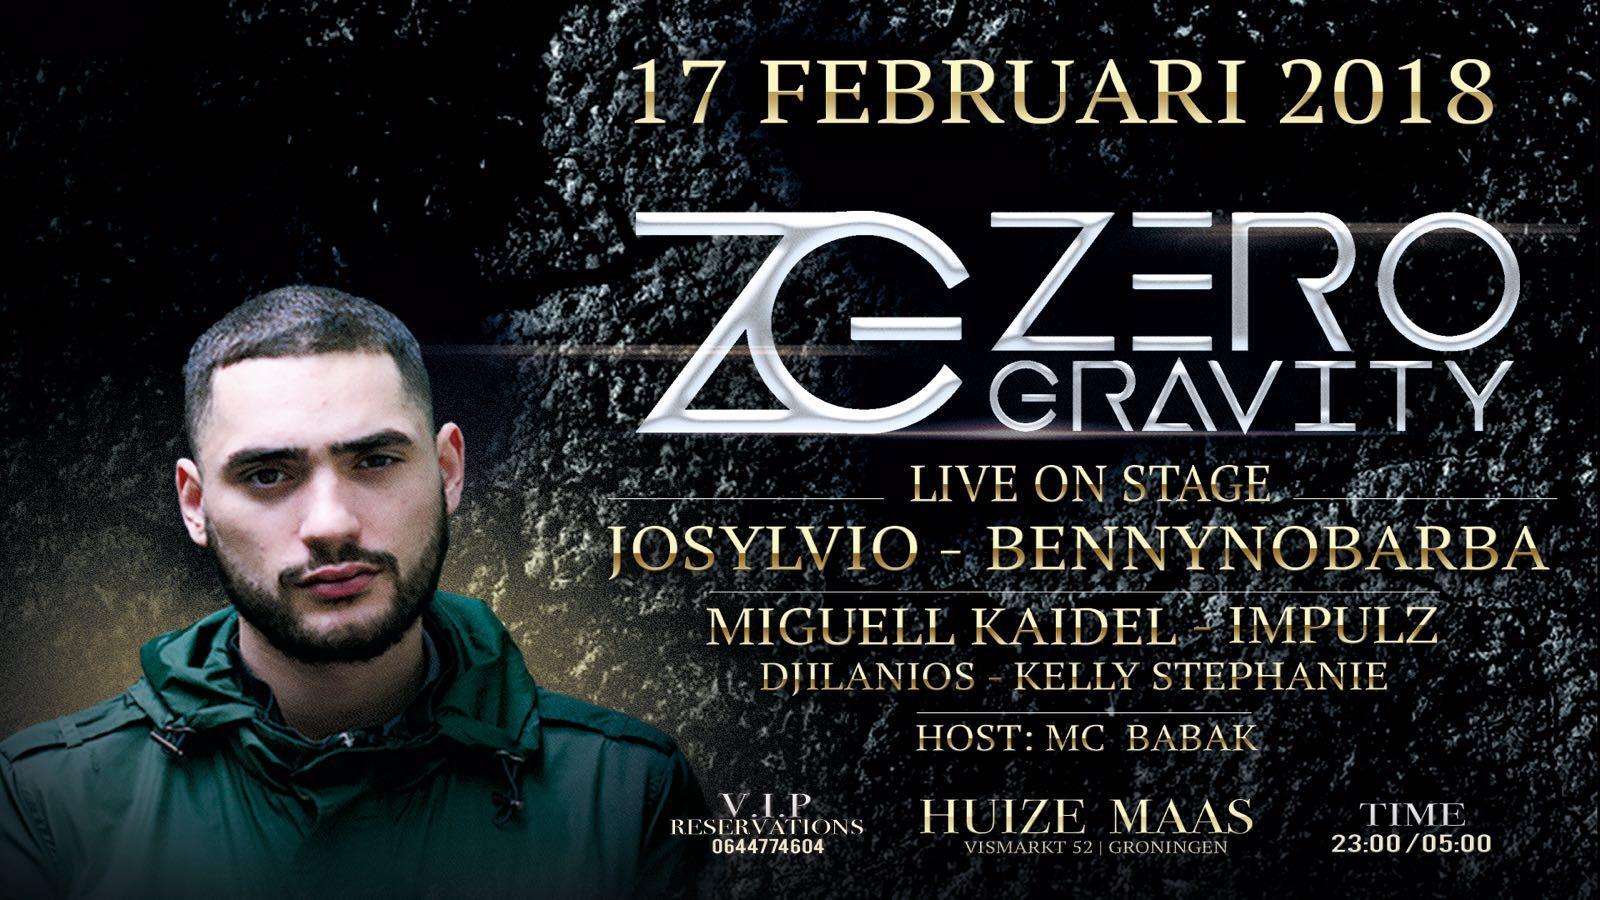 Zero Gravity Events, present: Josylvio